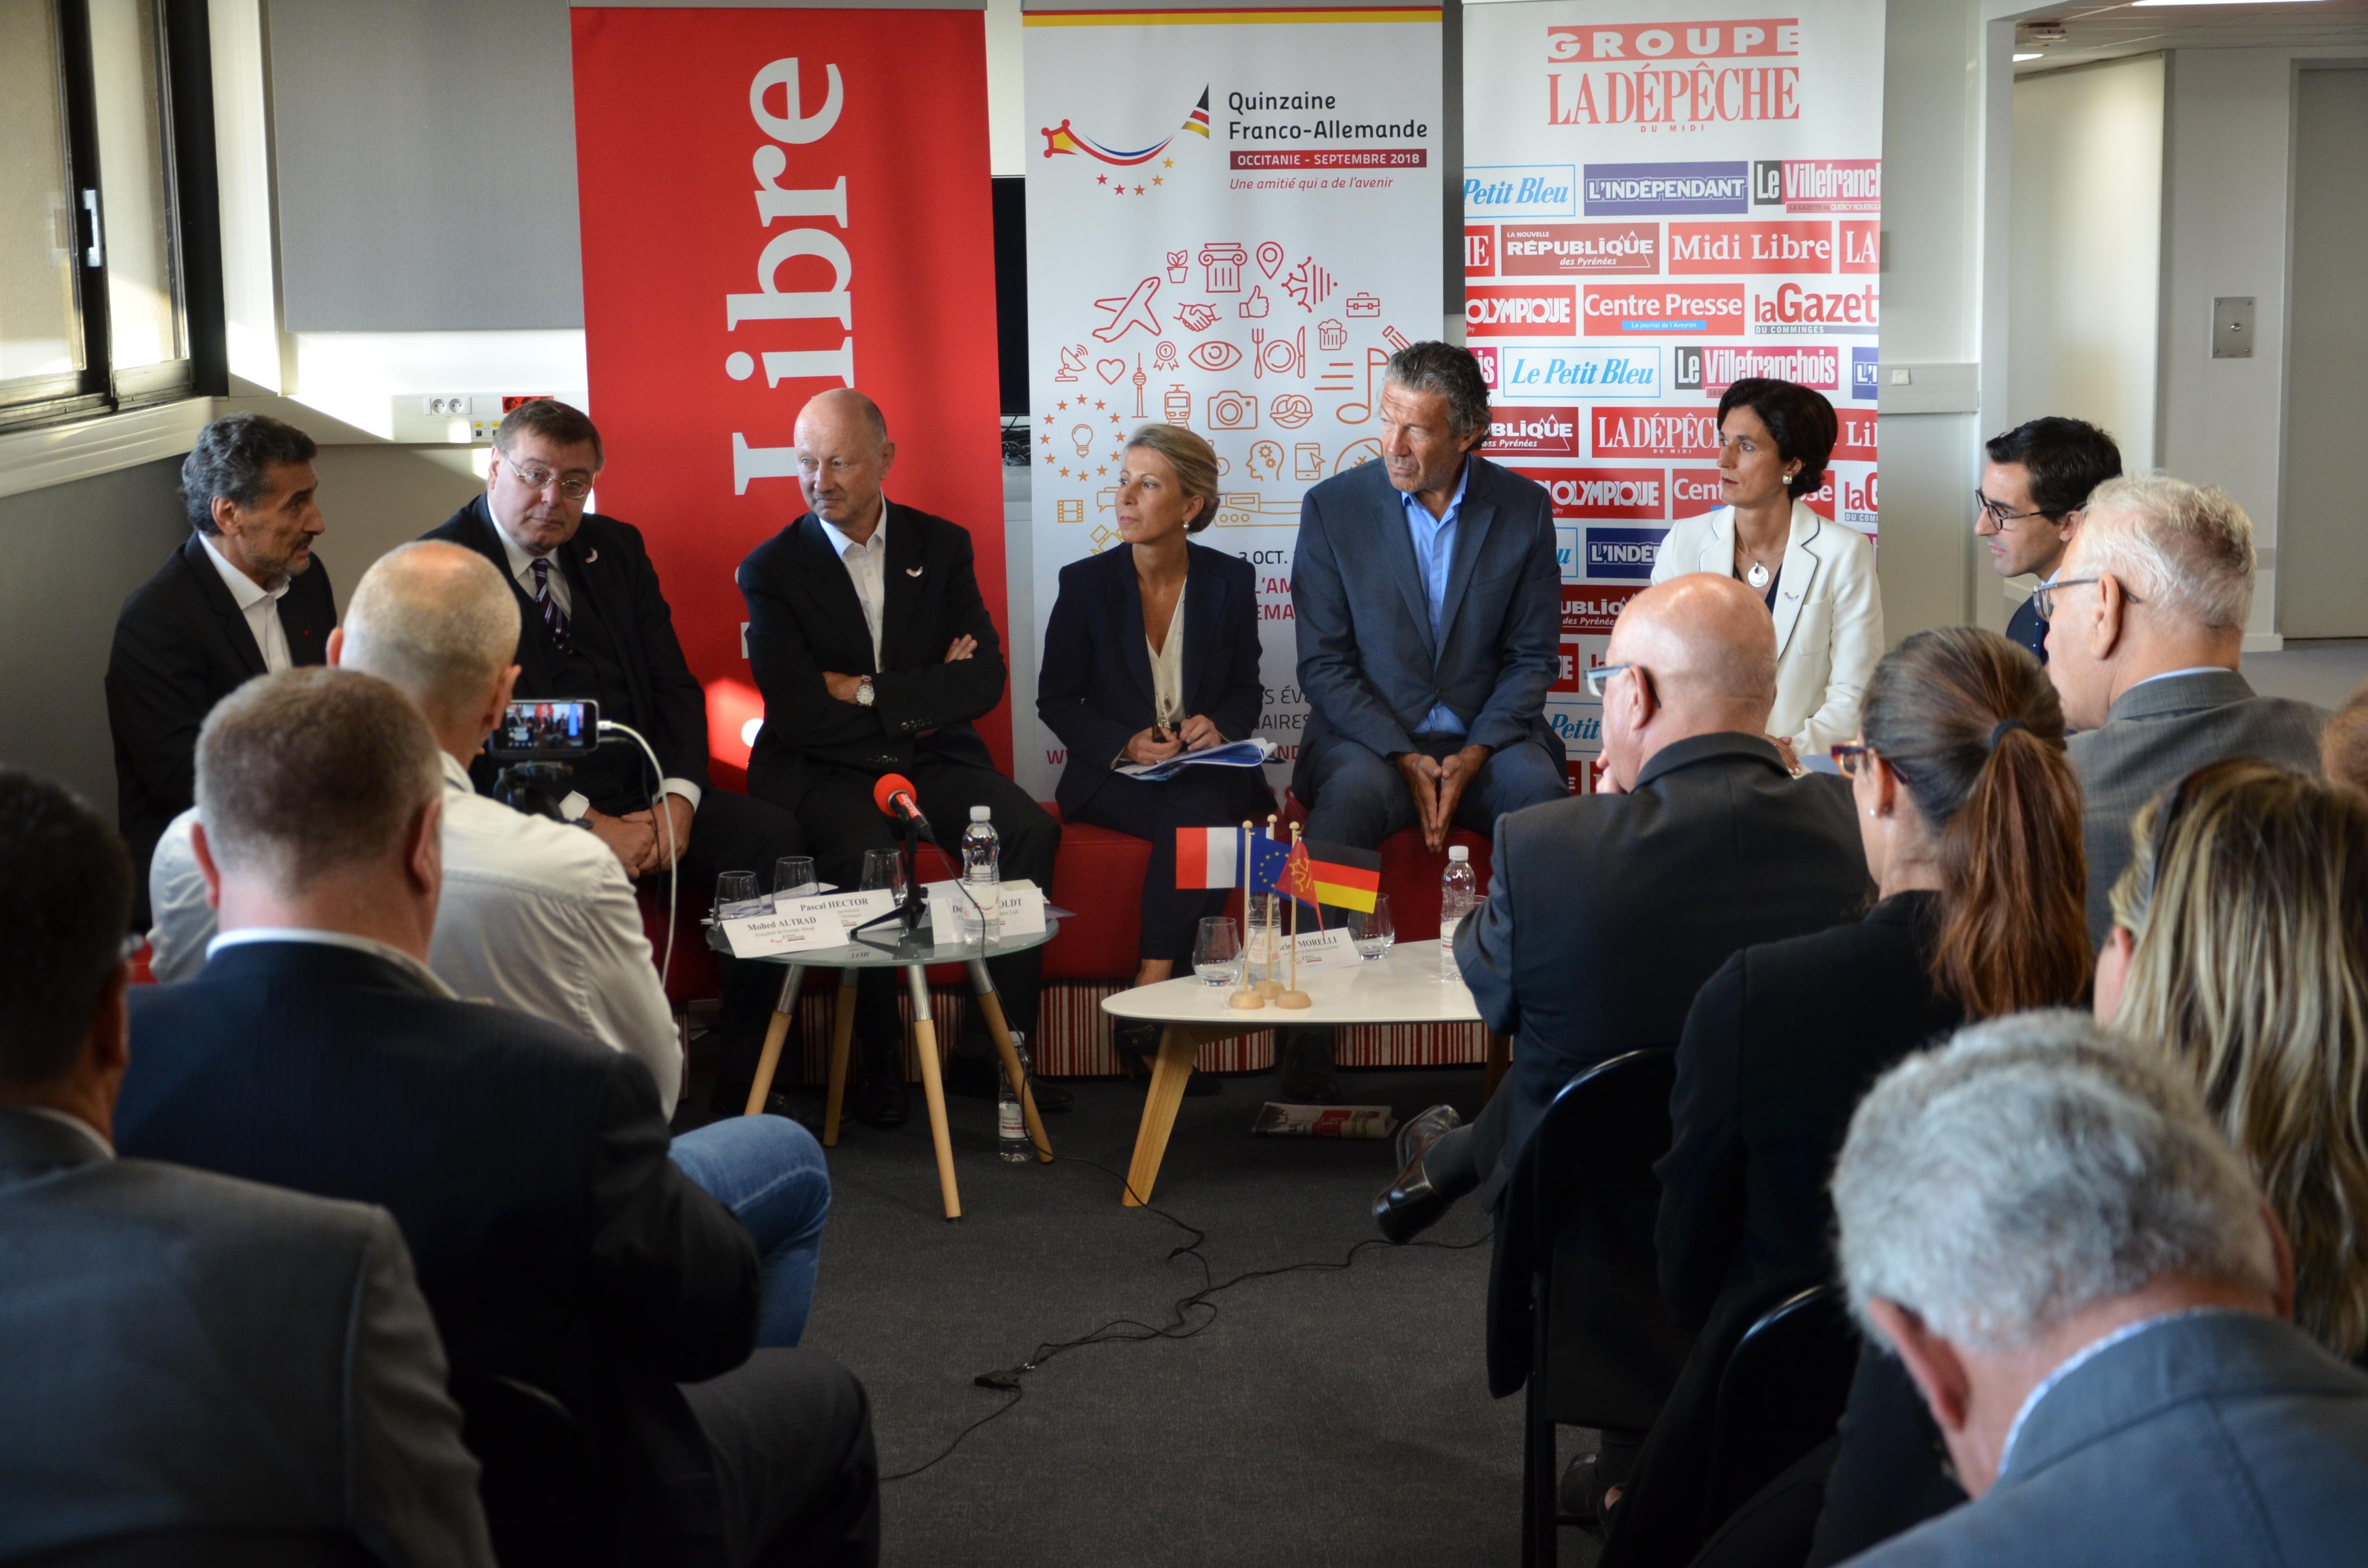 débat économique quinzaine franco allemande